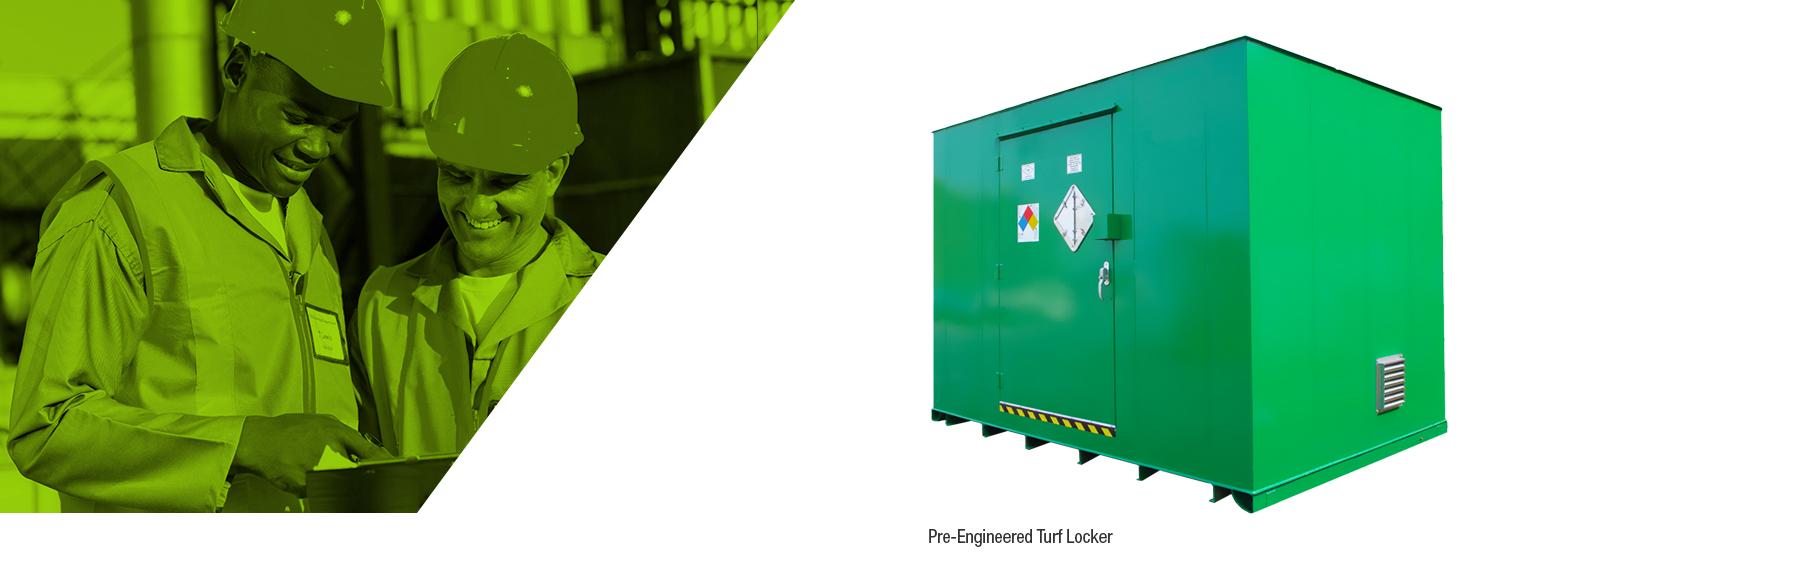 Pre-engineered turf locker